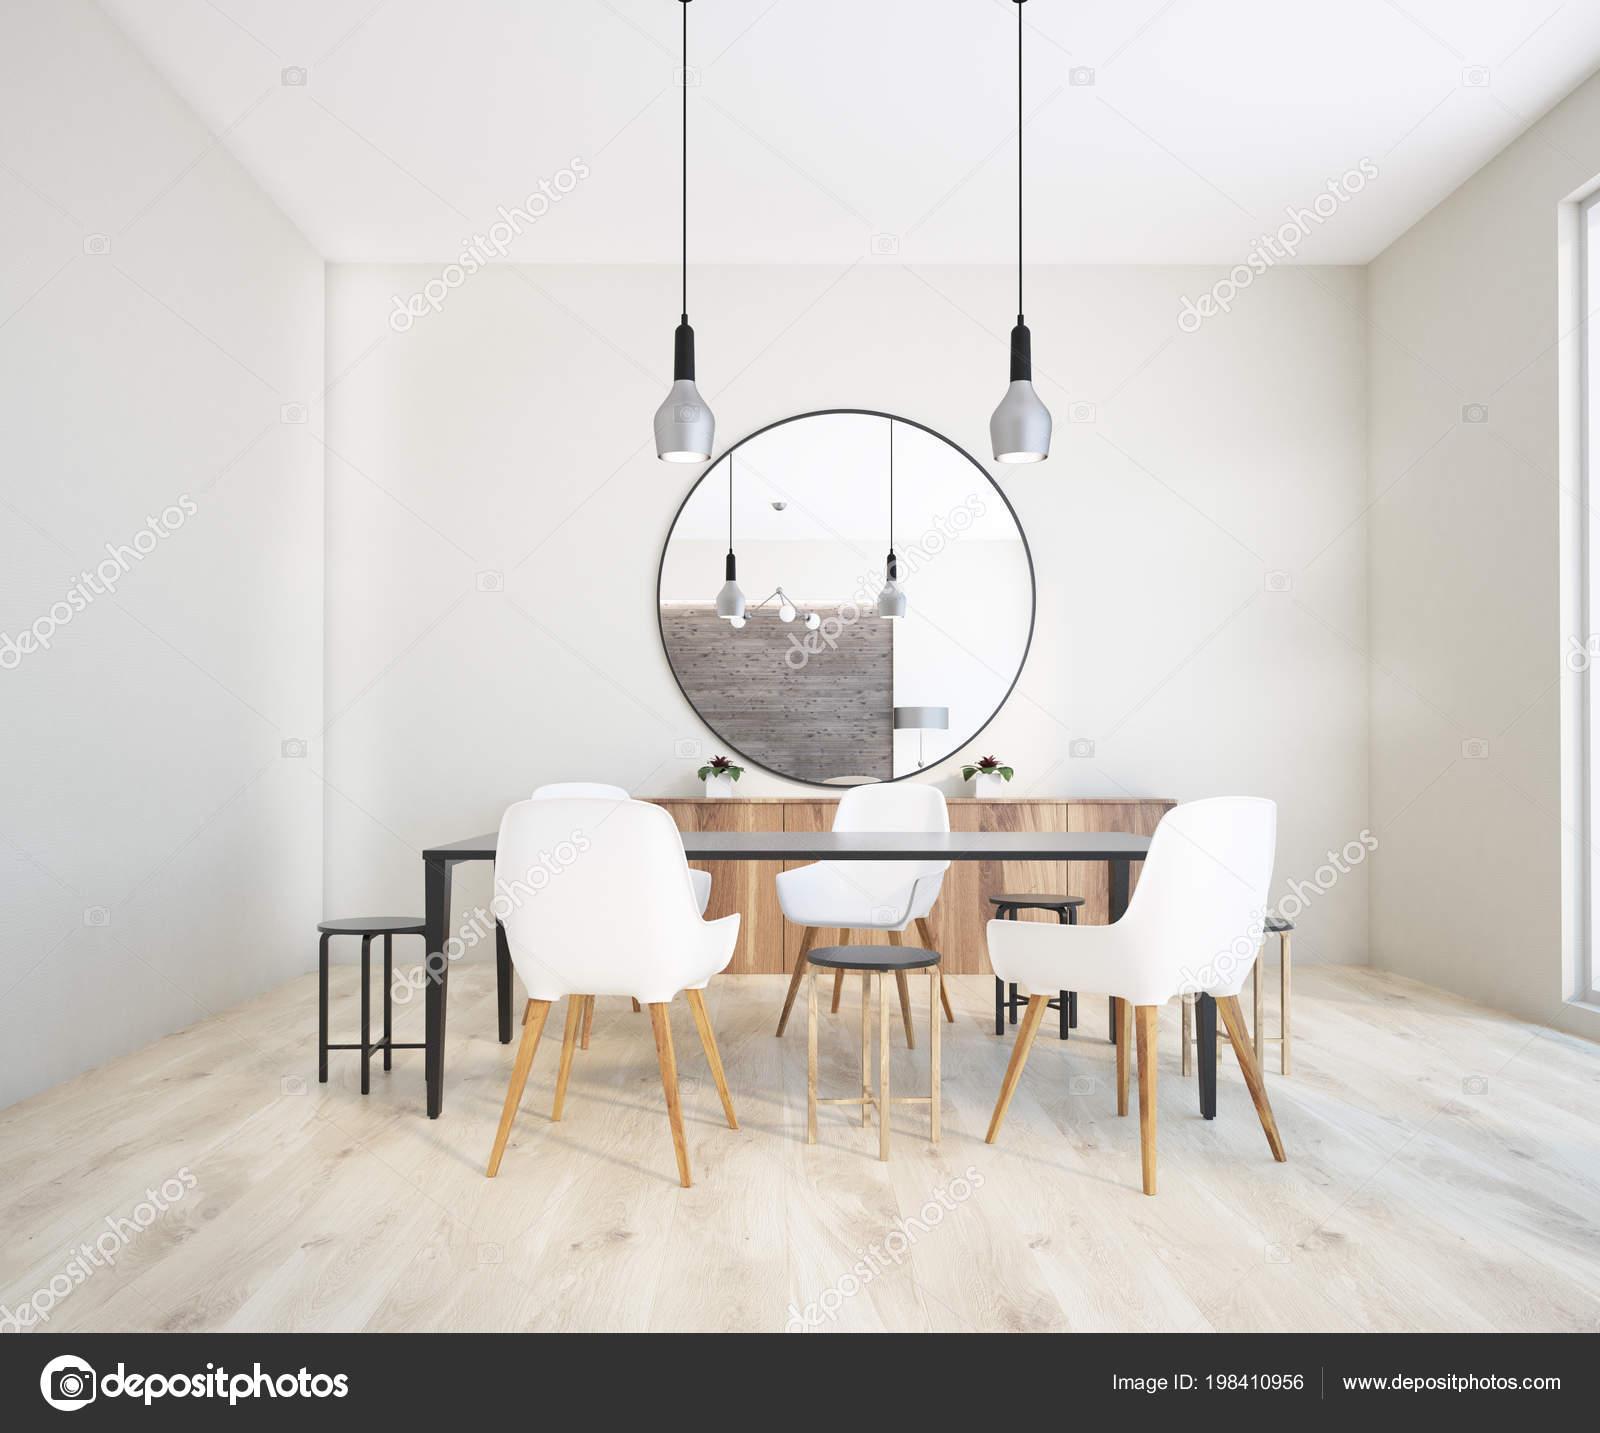 Witte Tafel Zwarte Stoelen.Klassieke Witte Muur Eetkamer Interieur Met Een Zwarte Tafel Witte